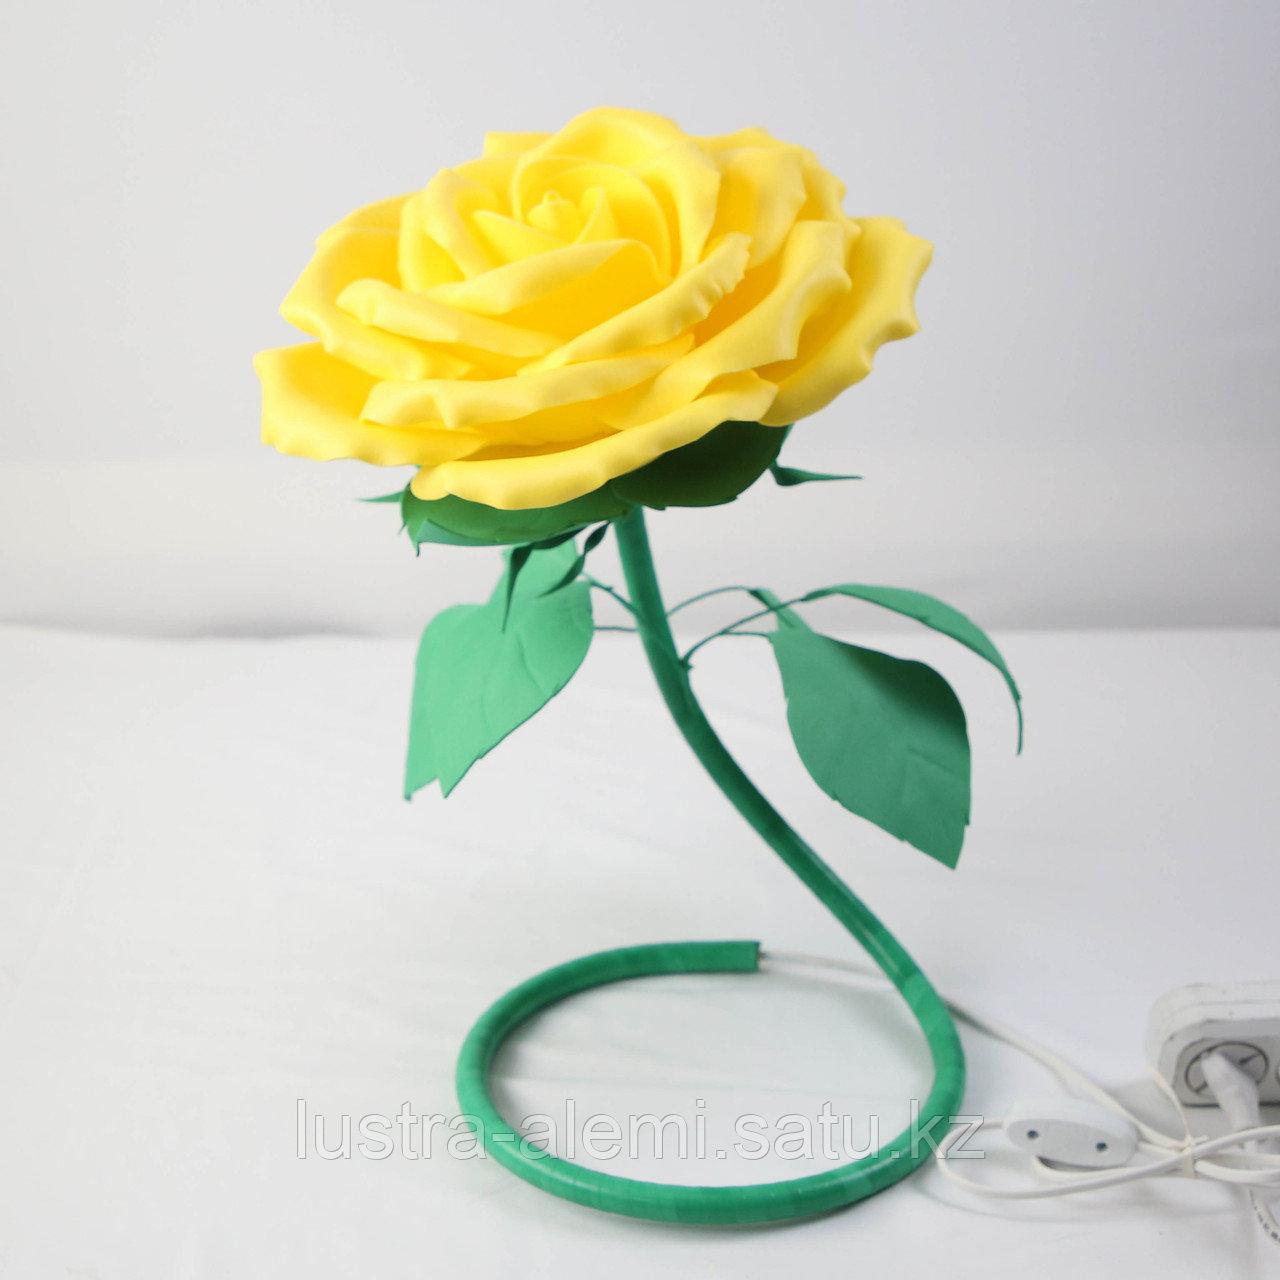 Настольный Светильник Цветок ручной Yellow